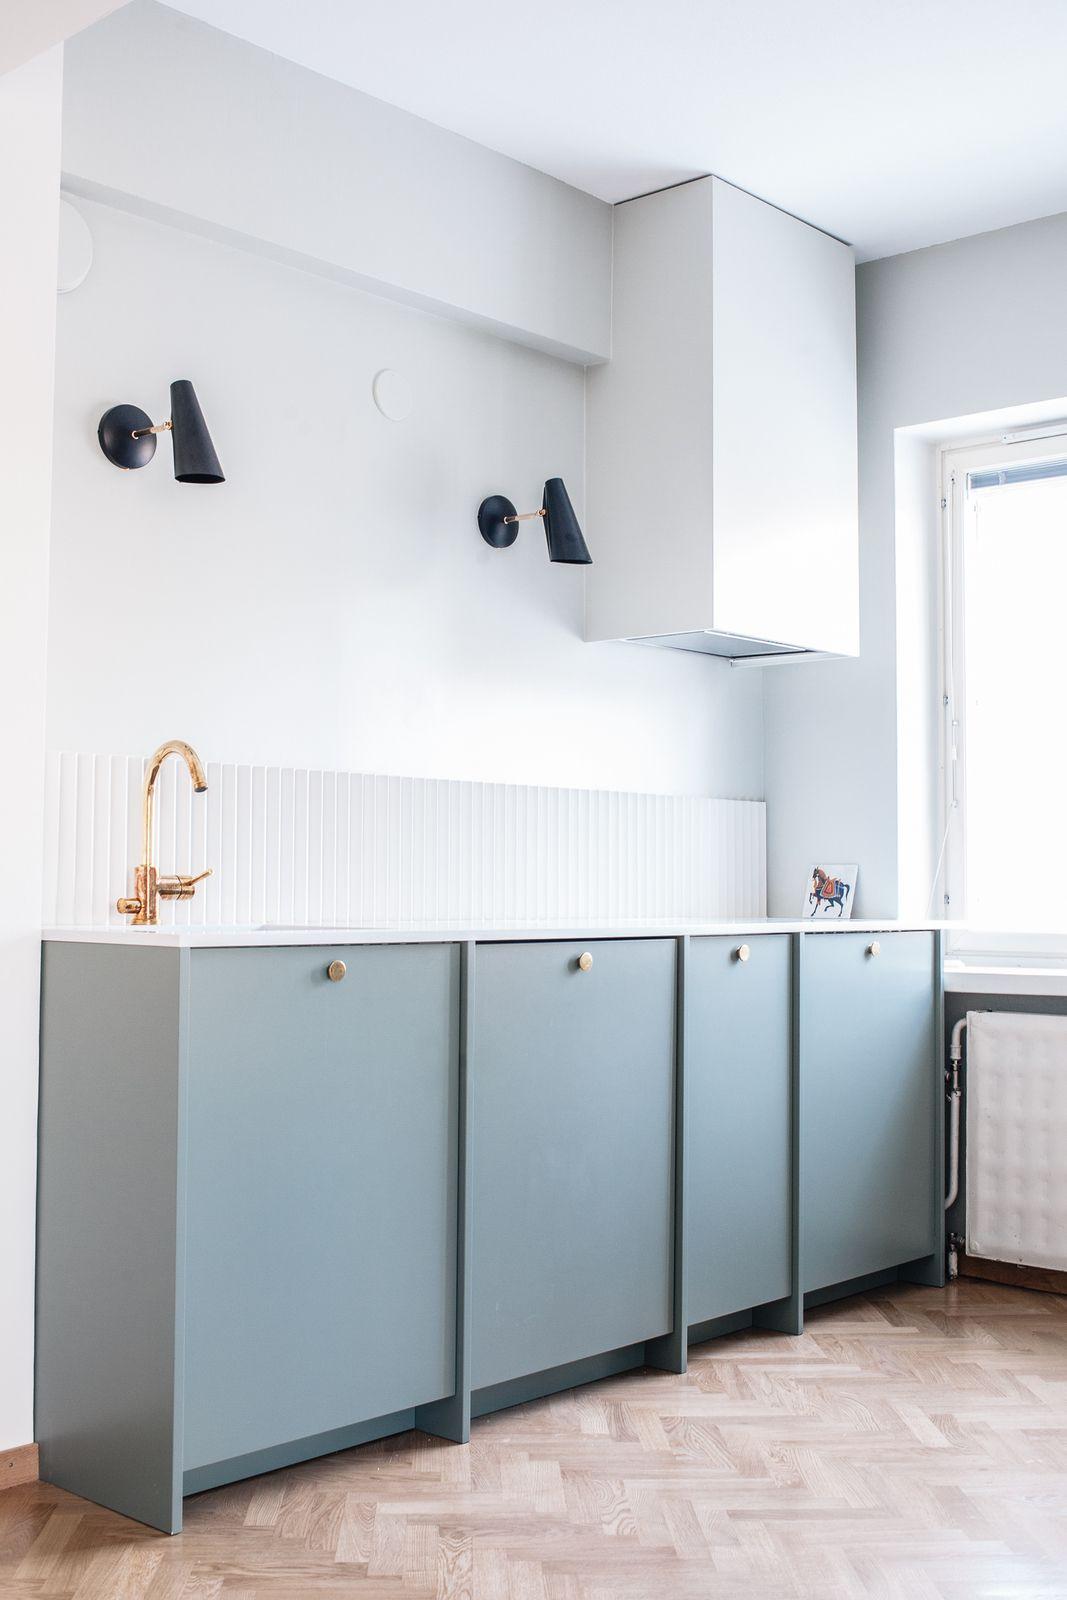 Välitilan laatat: Mutina Rombini. Suunnittelu: Ulla Kotila / Design ...